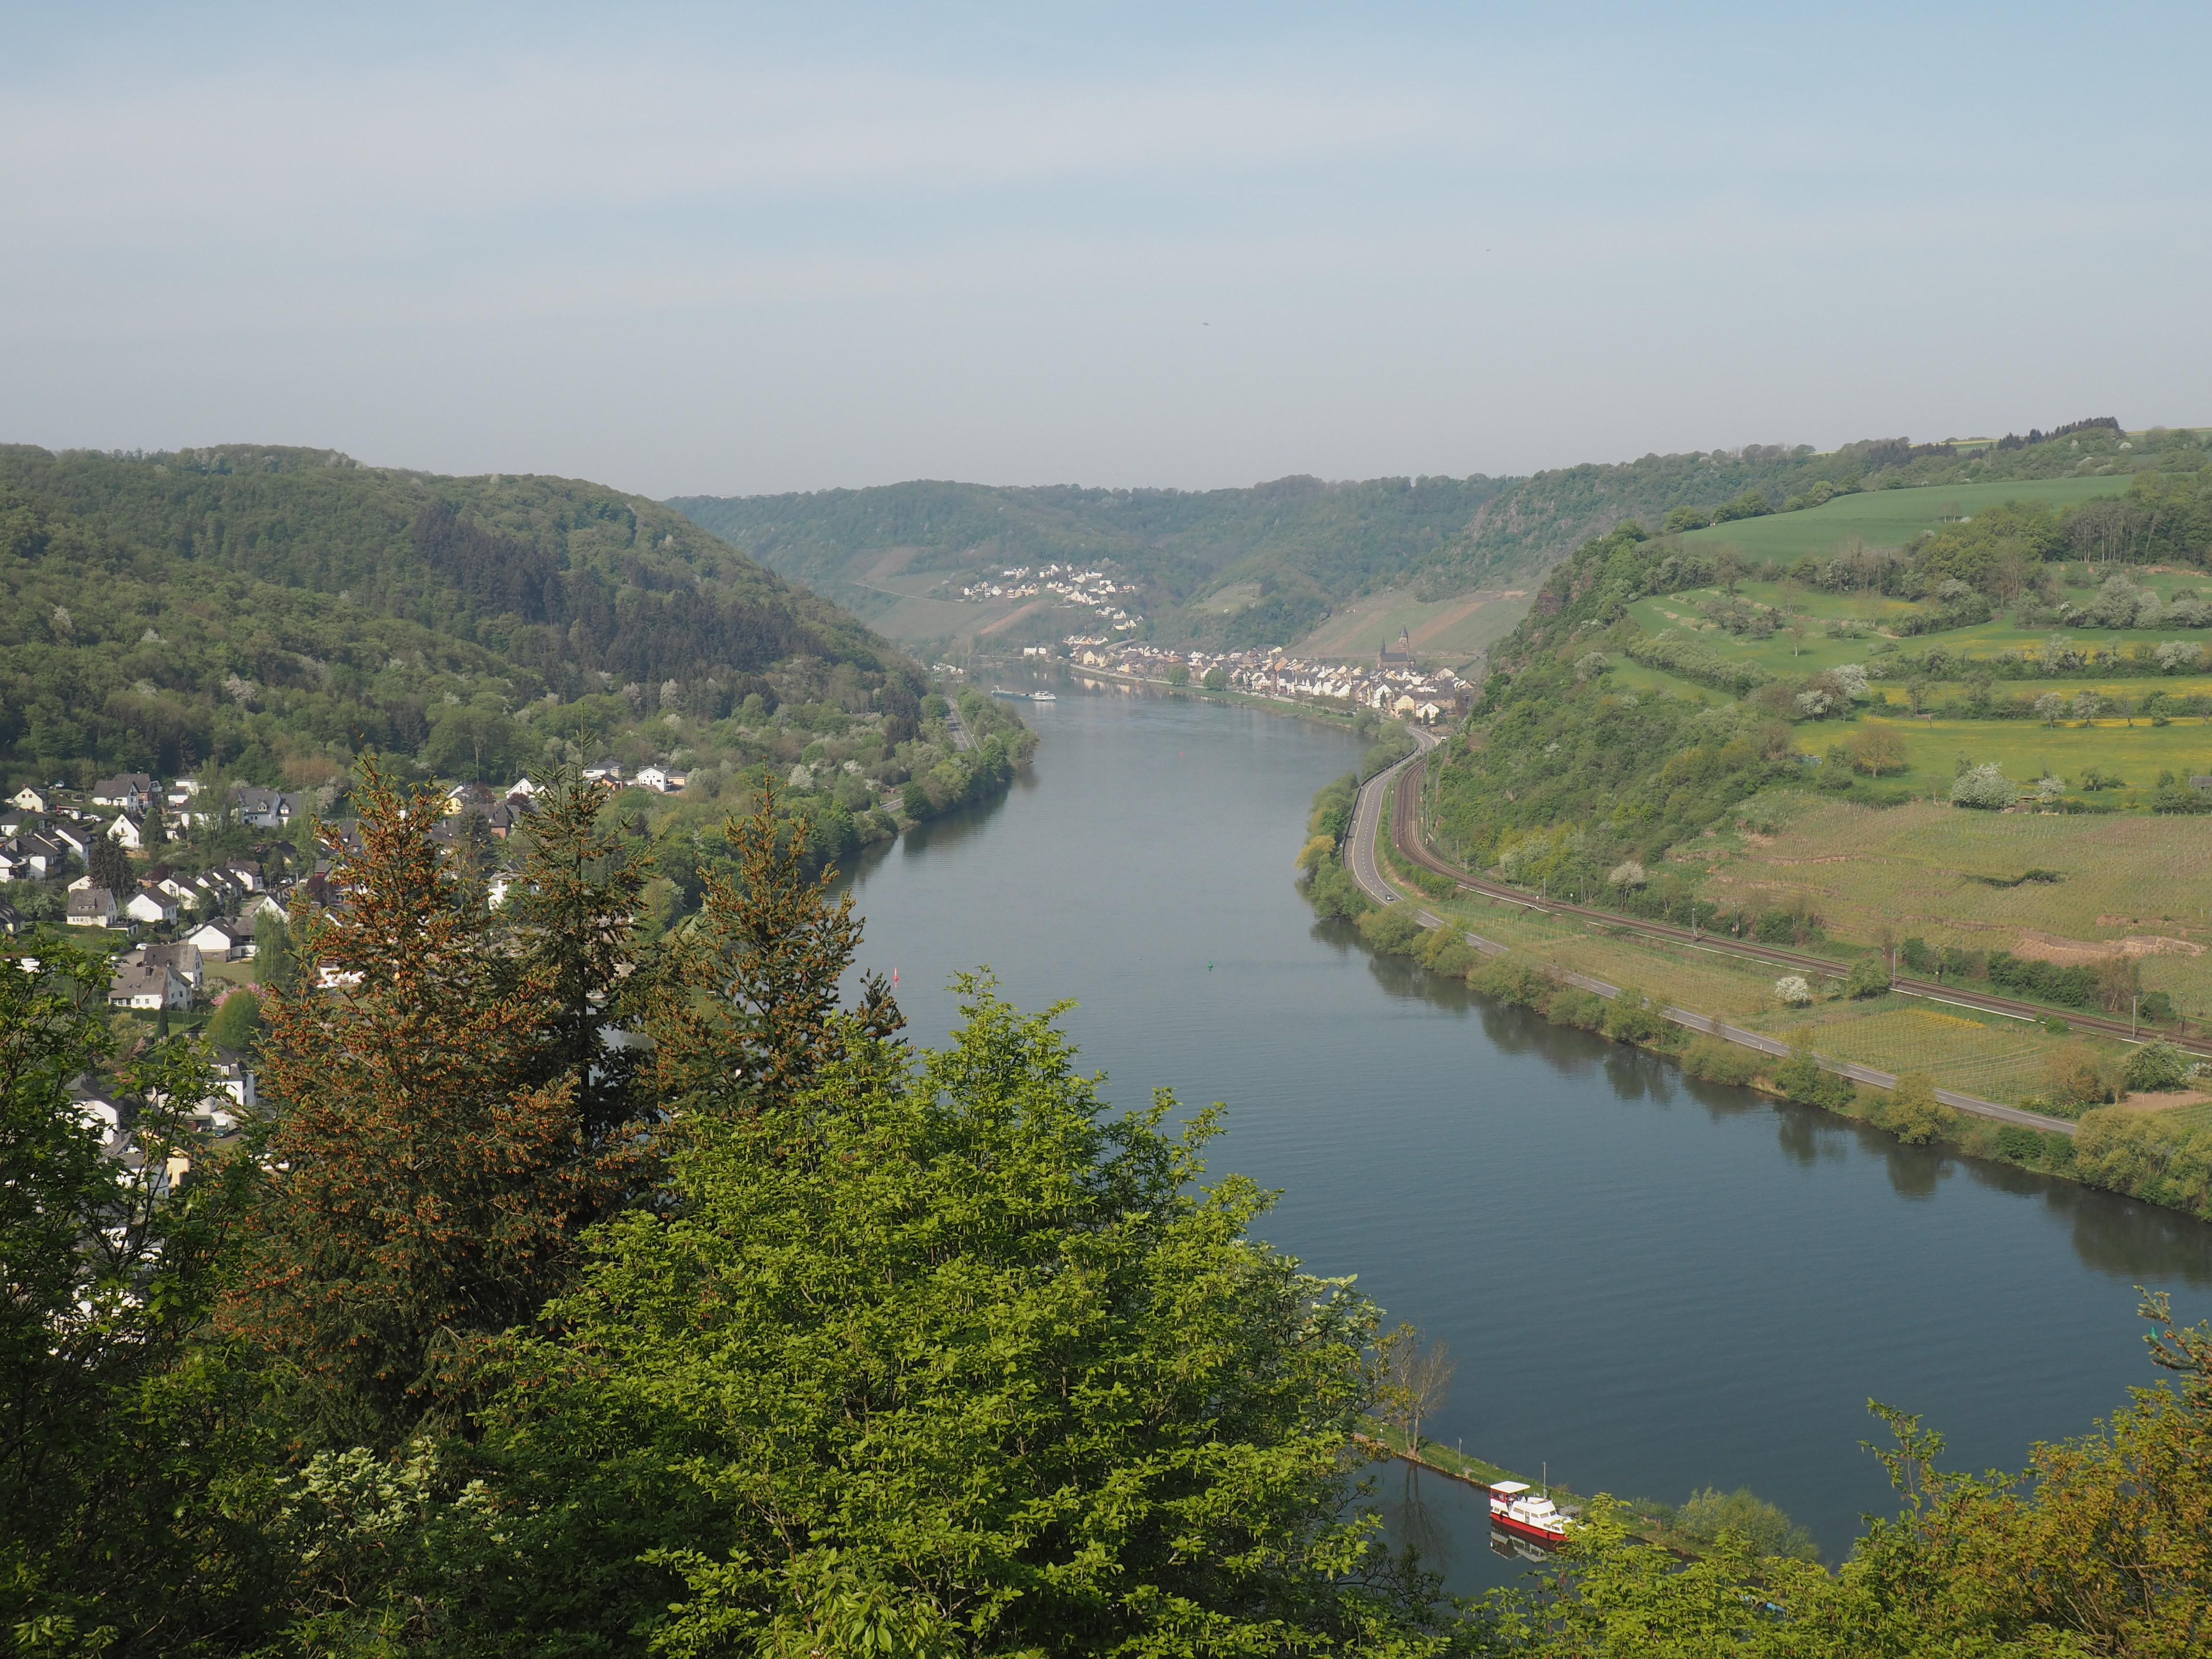 Erster Blick bei der Anreise zur Bloggerreise auf Brodenbach und die Mosel